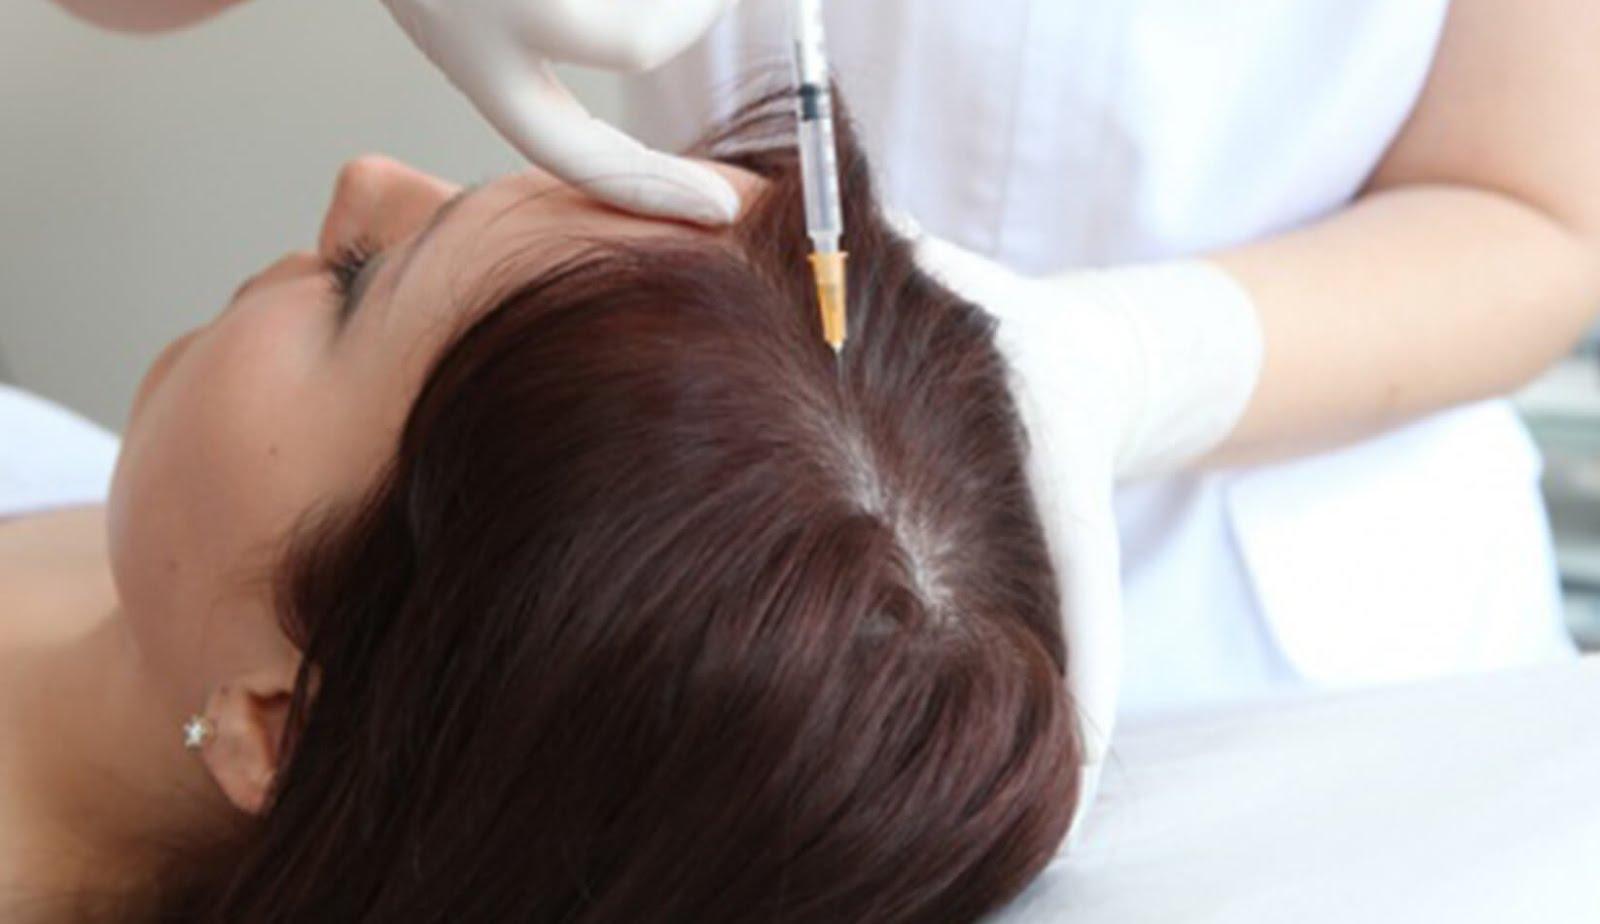 حل لتساقط الشعر بحقن البلازما